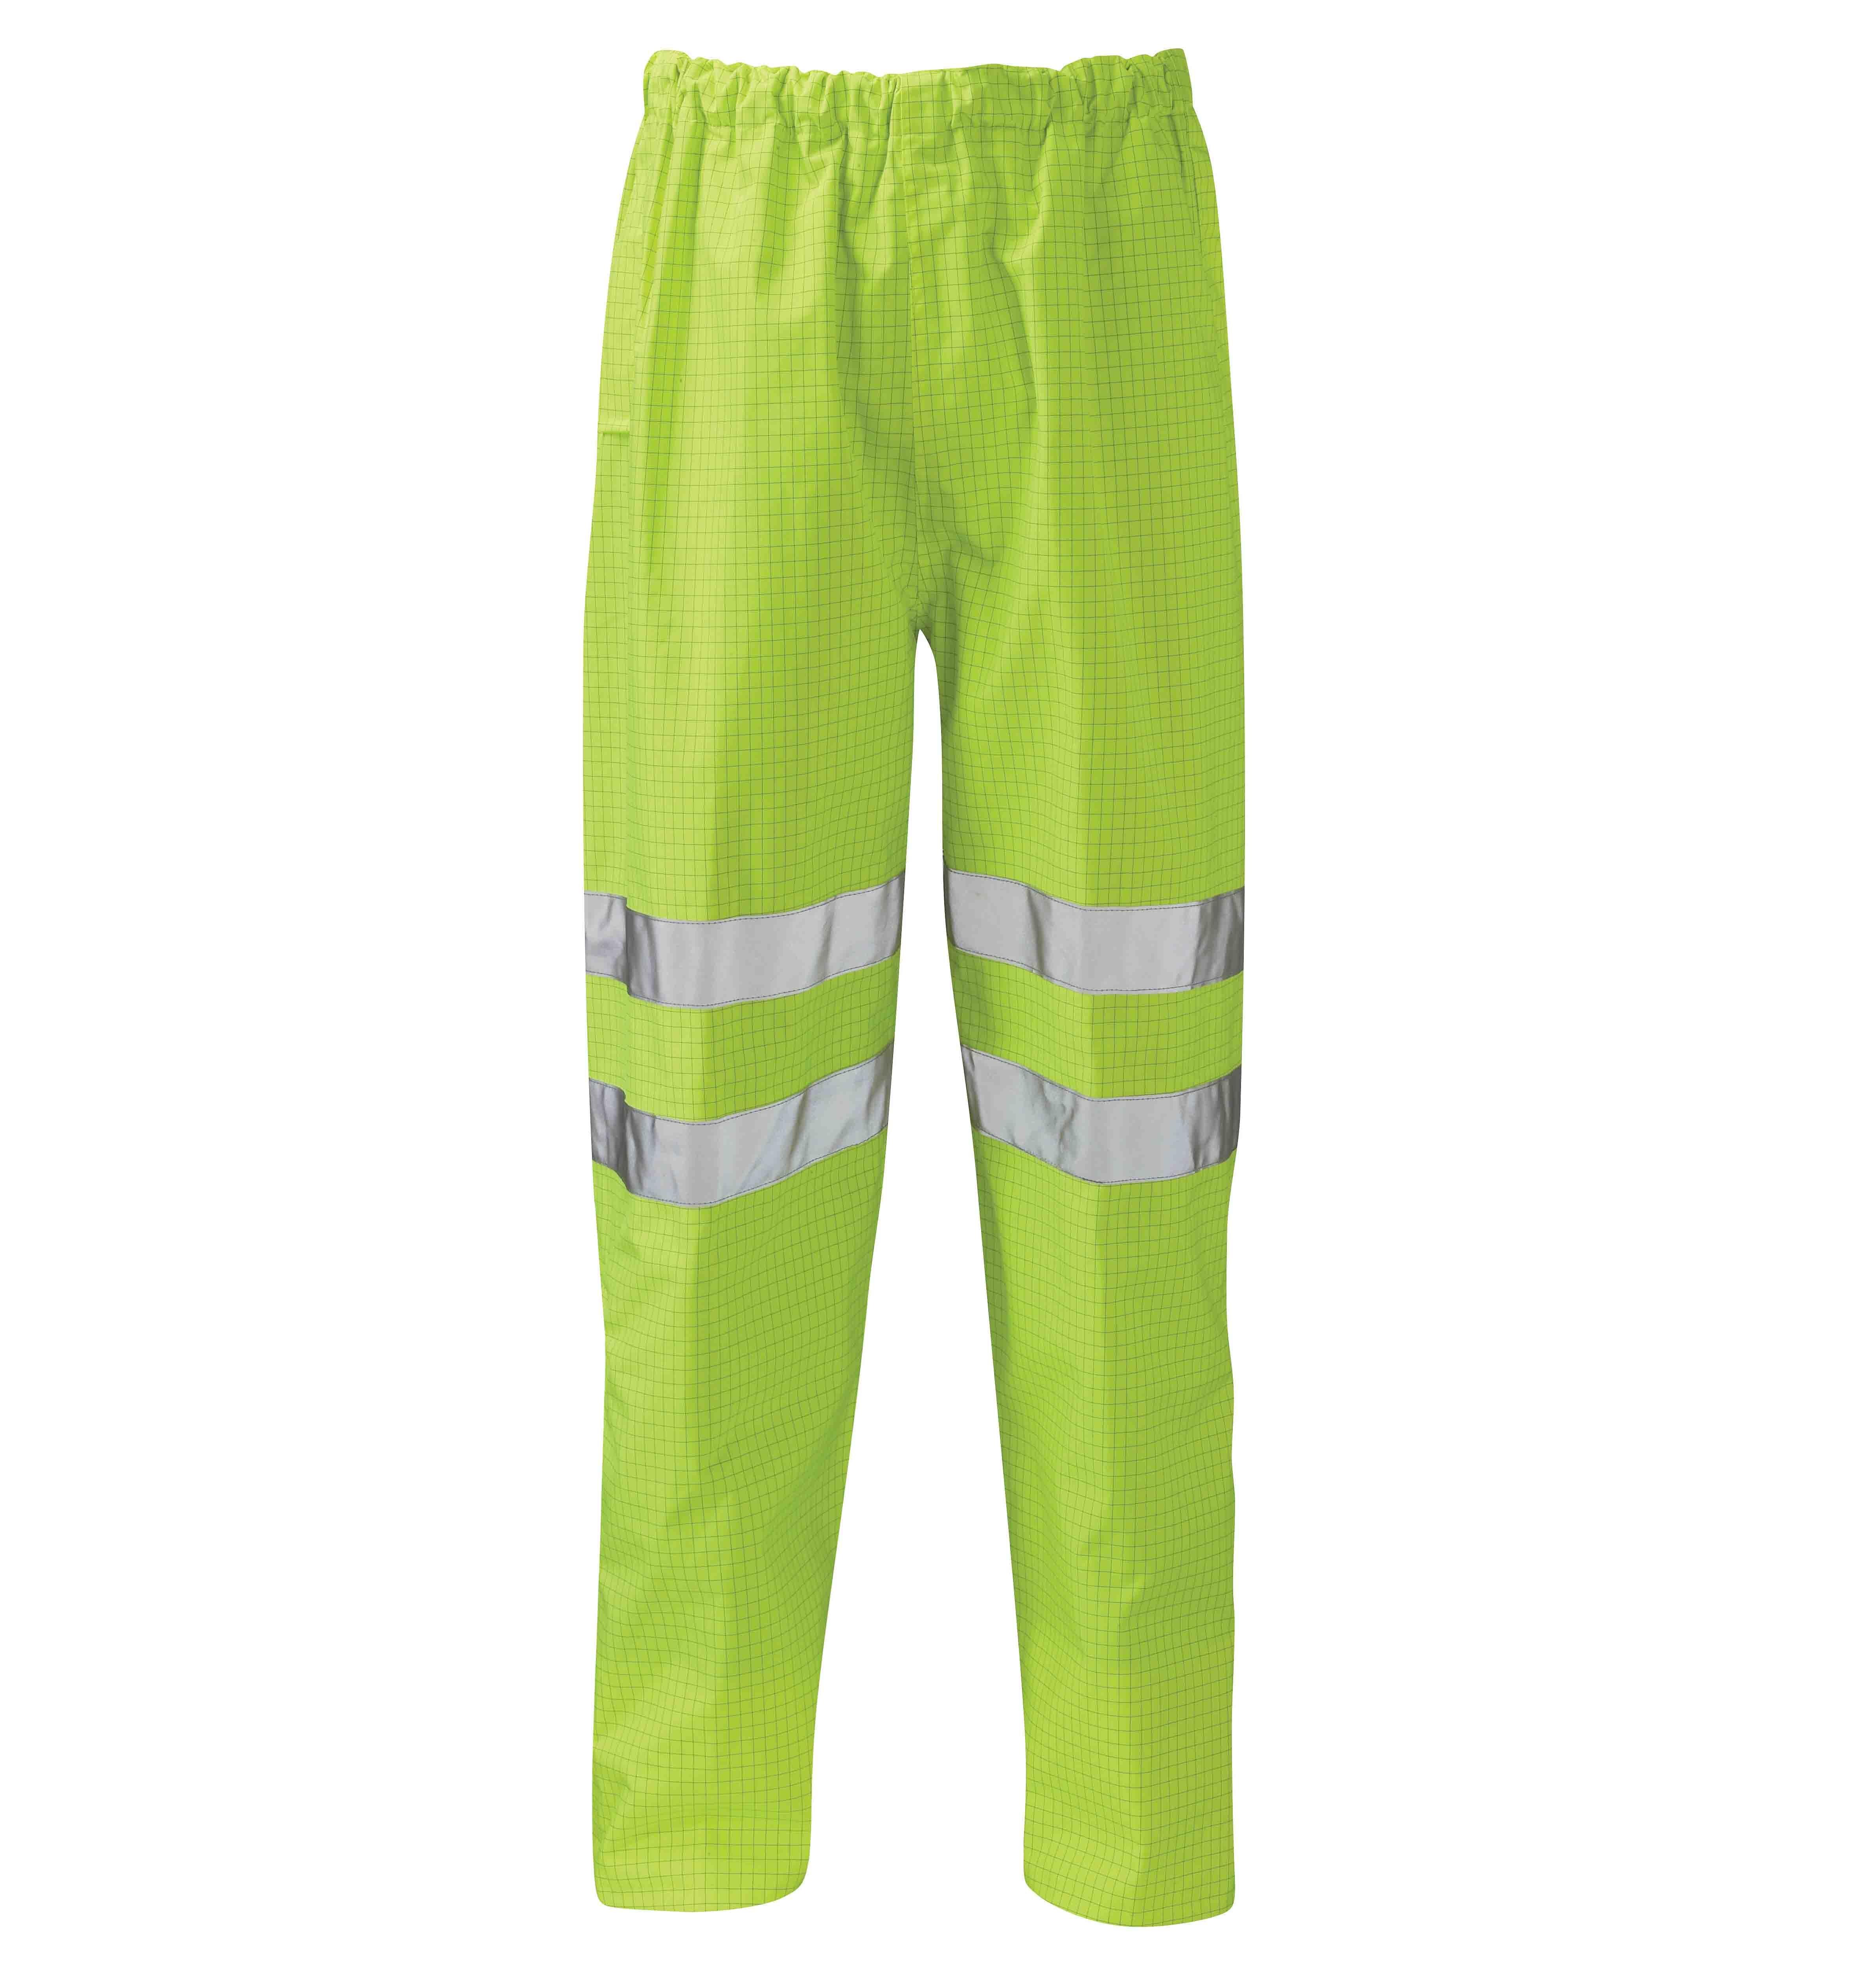 Fuji Hi-Vis FR AST Trousers Yellow